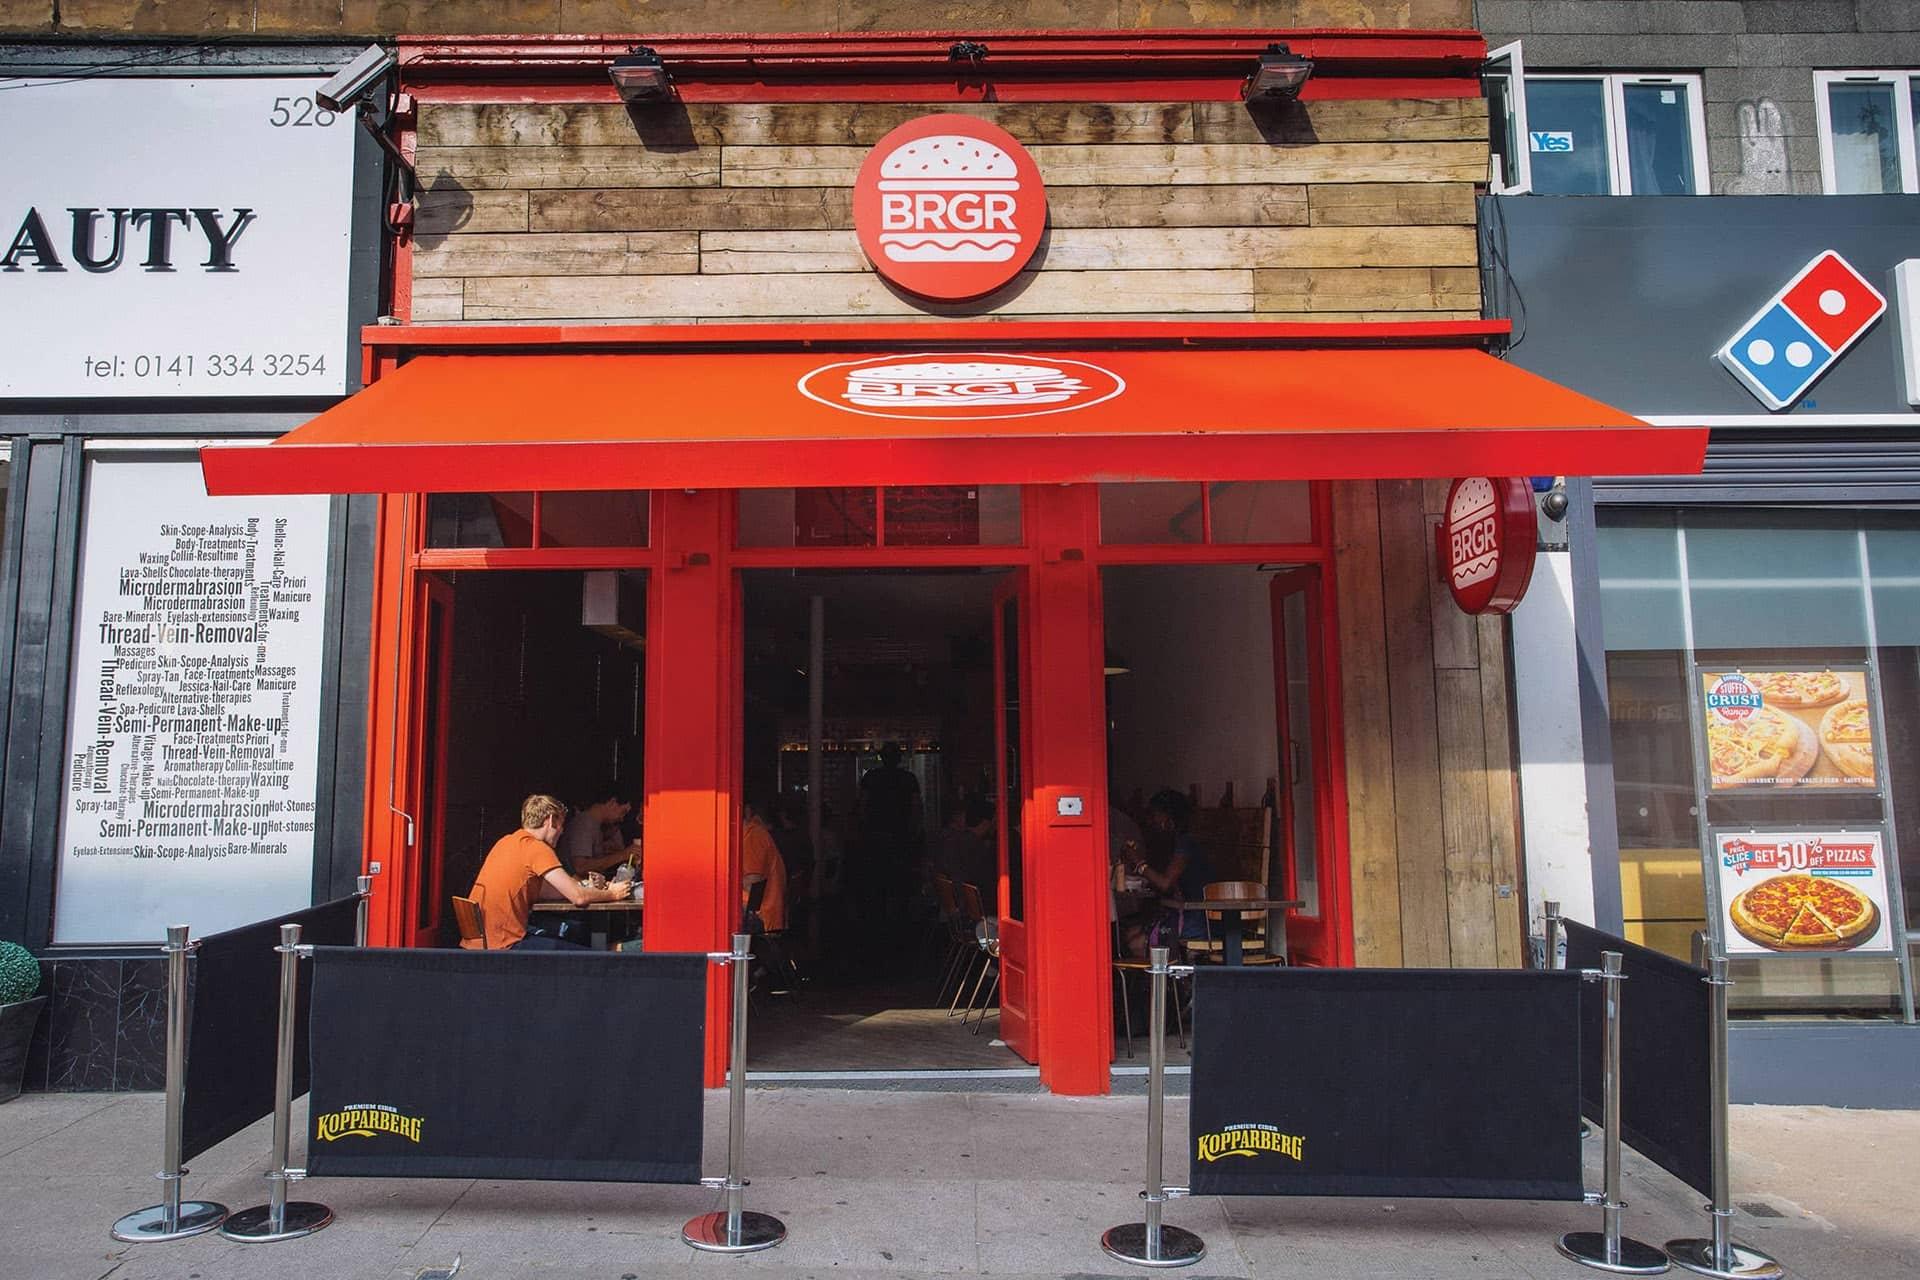 BRGR Glasgow Shop Signage